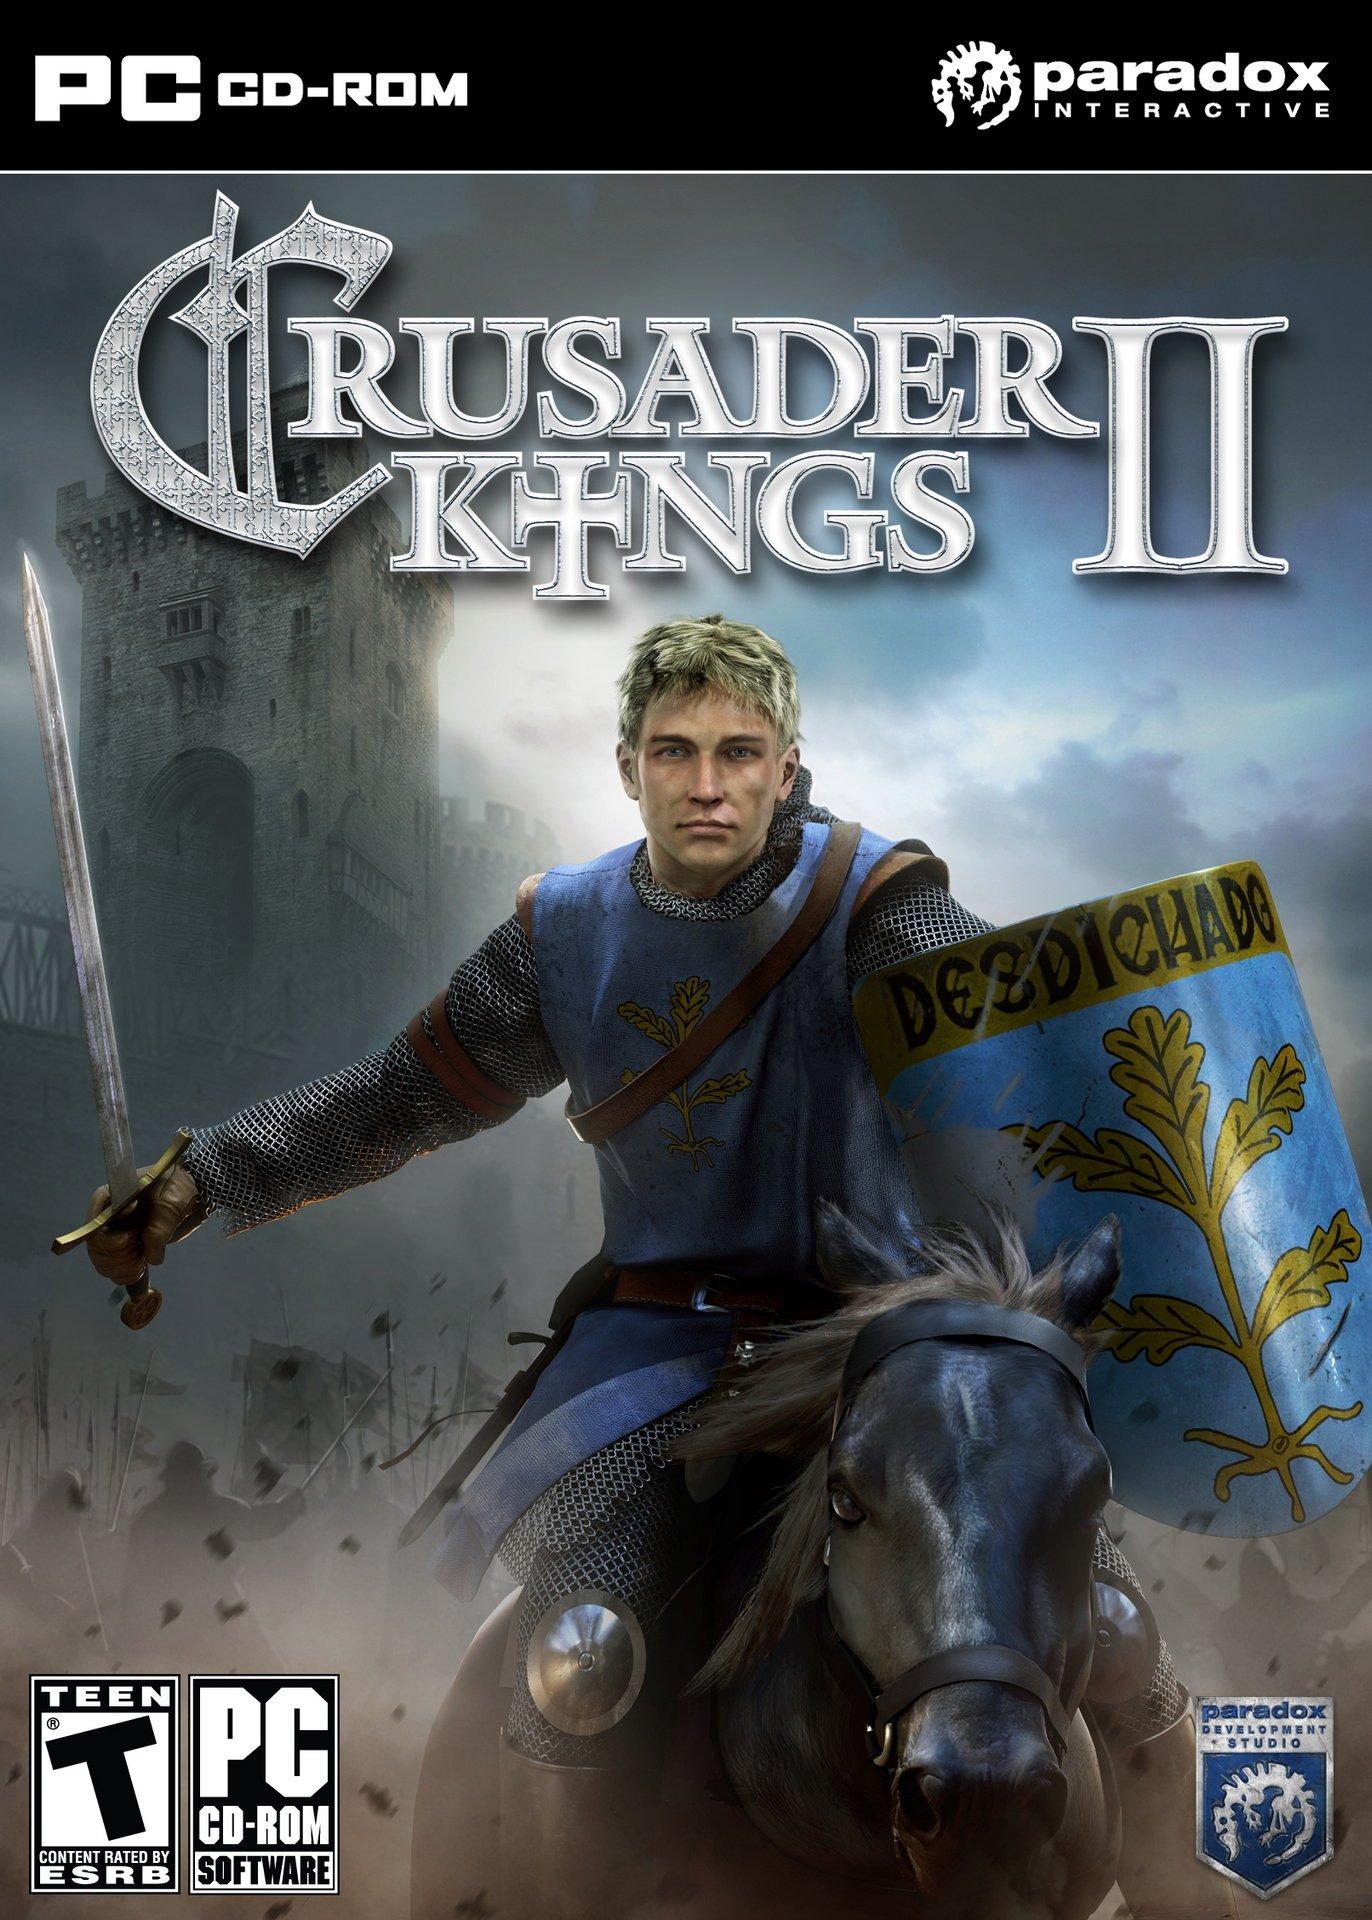 Крестоносцы 2 / Crusader Kings II v.3.3.2 [Portable] (2012) (2012)